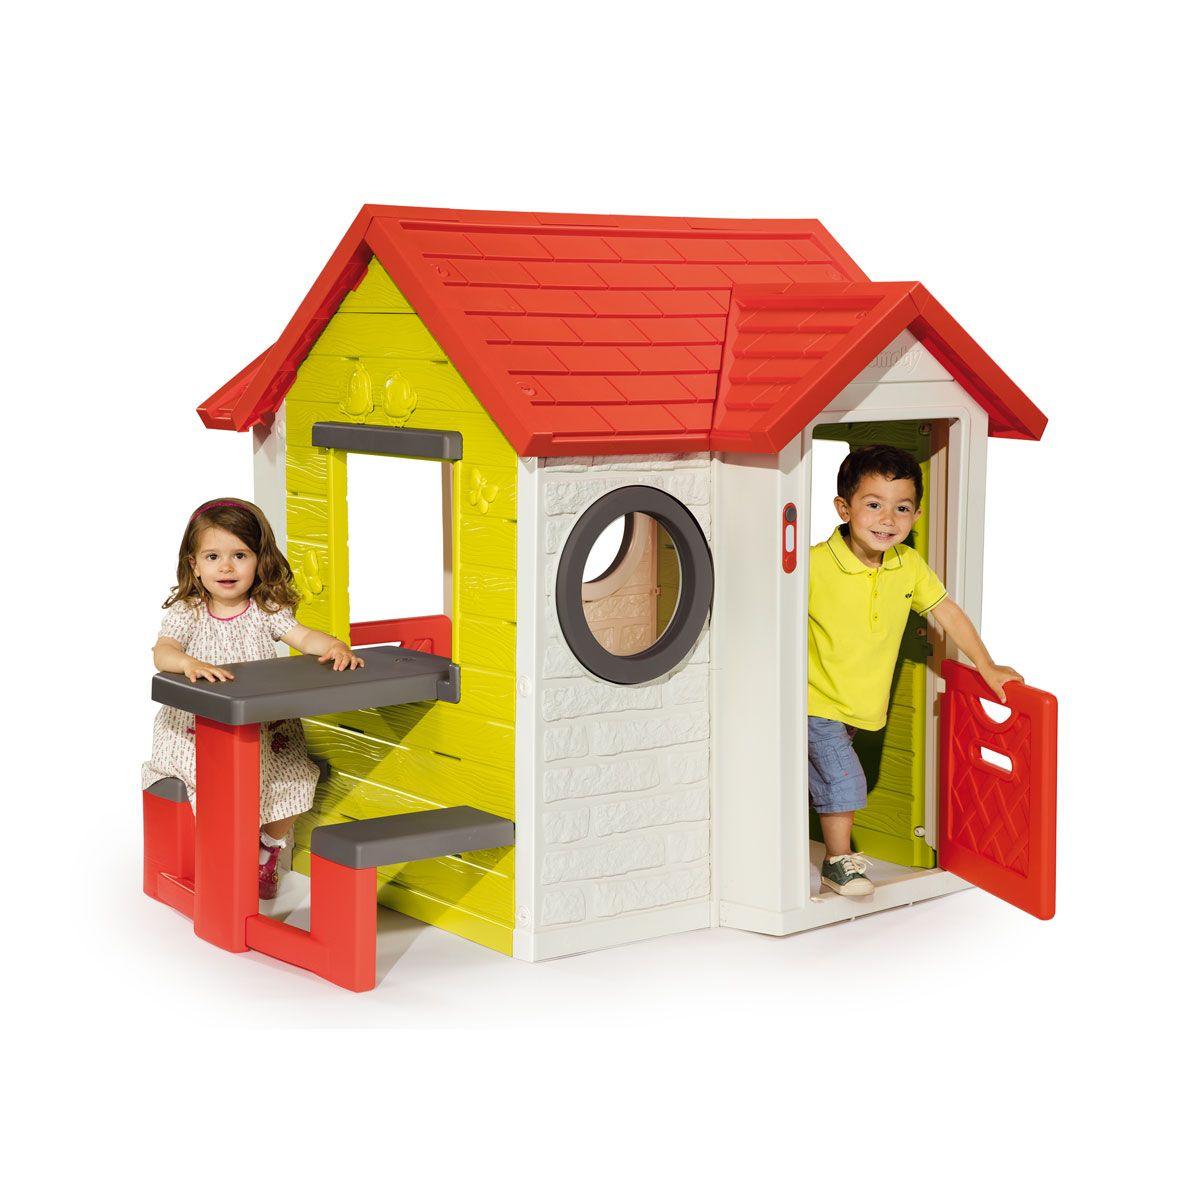 Maison My House Et Table De Pique-Nique Smoby Pour Enfant De ... pour Maison De Jardin Smoby